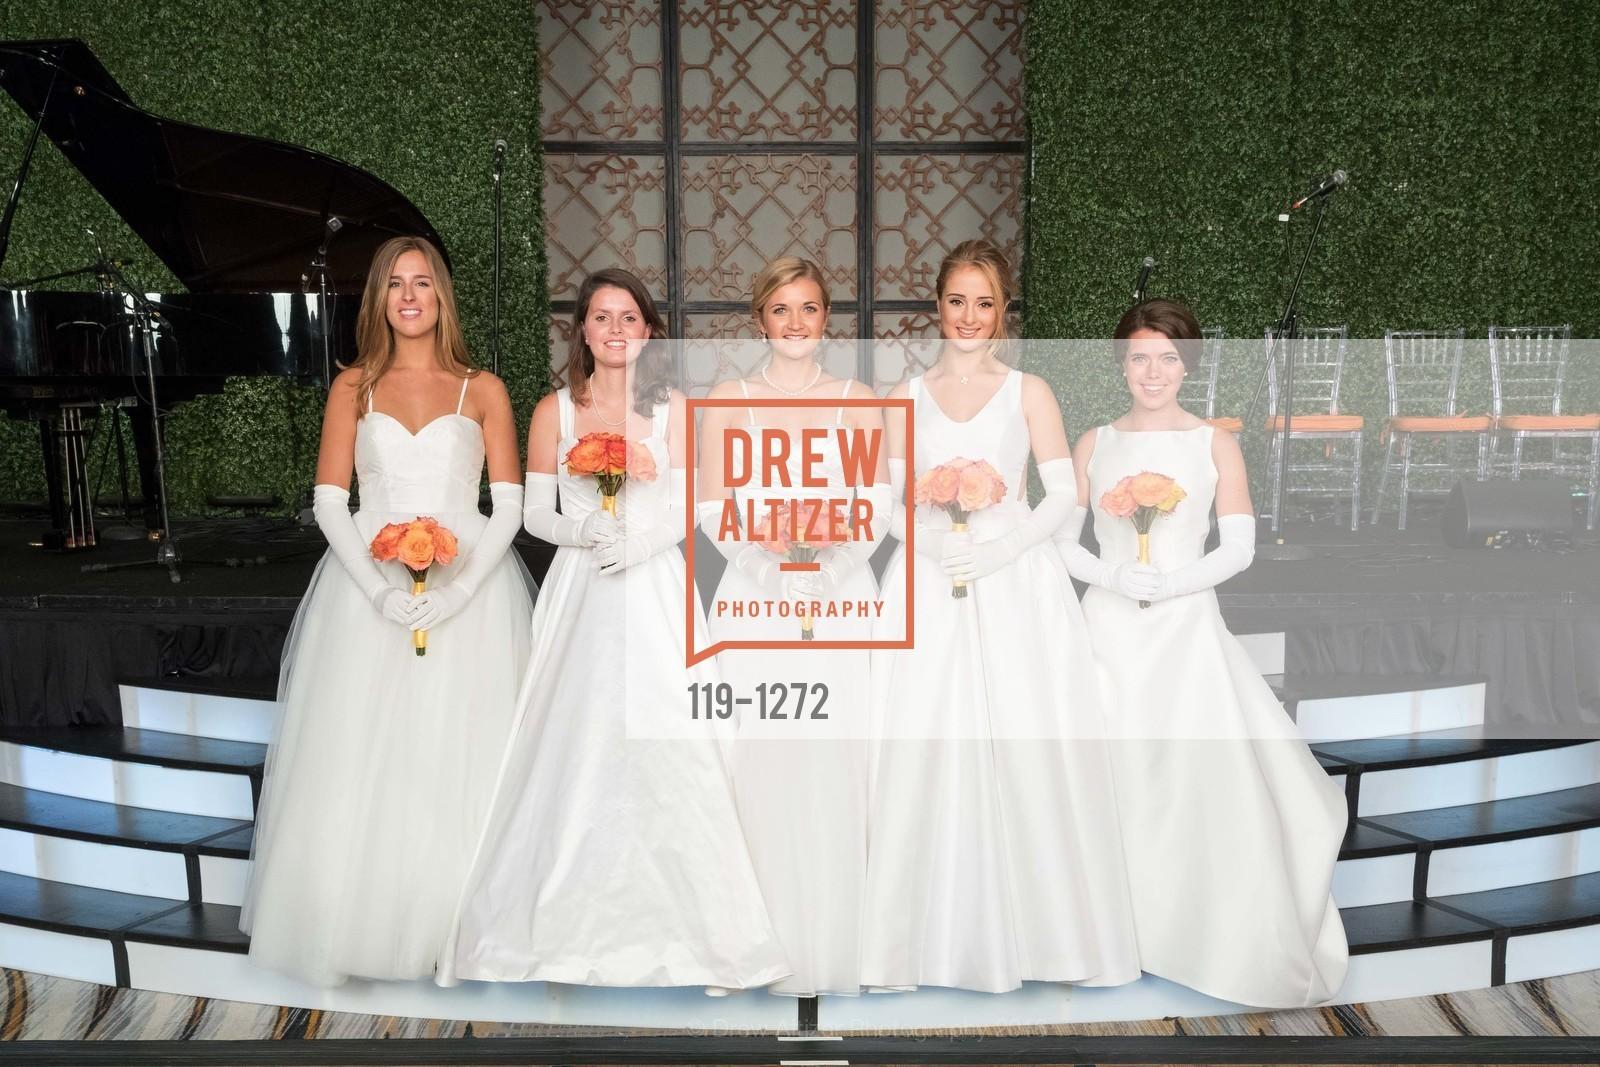 Kaitlyn Christine Fitzsimmons, Avery Catharine Bearden, Grace Callander, Fiona Bock, Ashley Baxter, Photo #119-1272